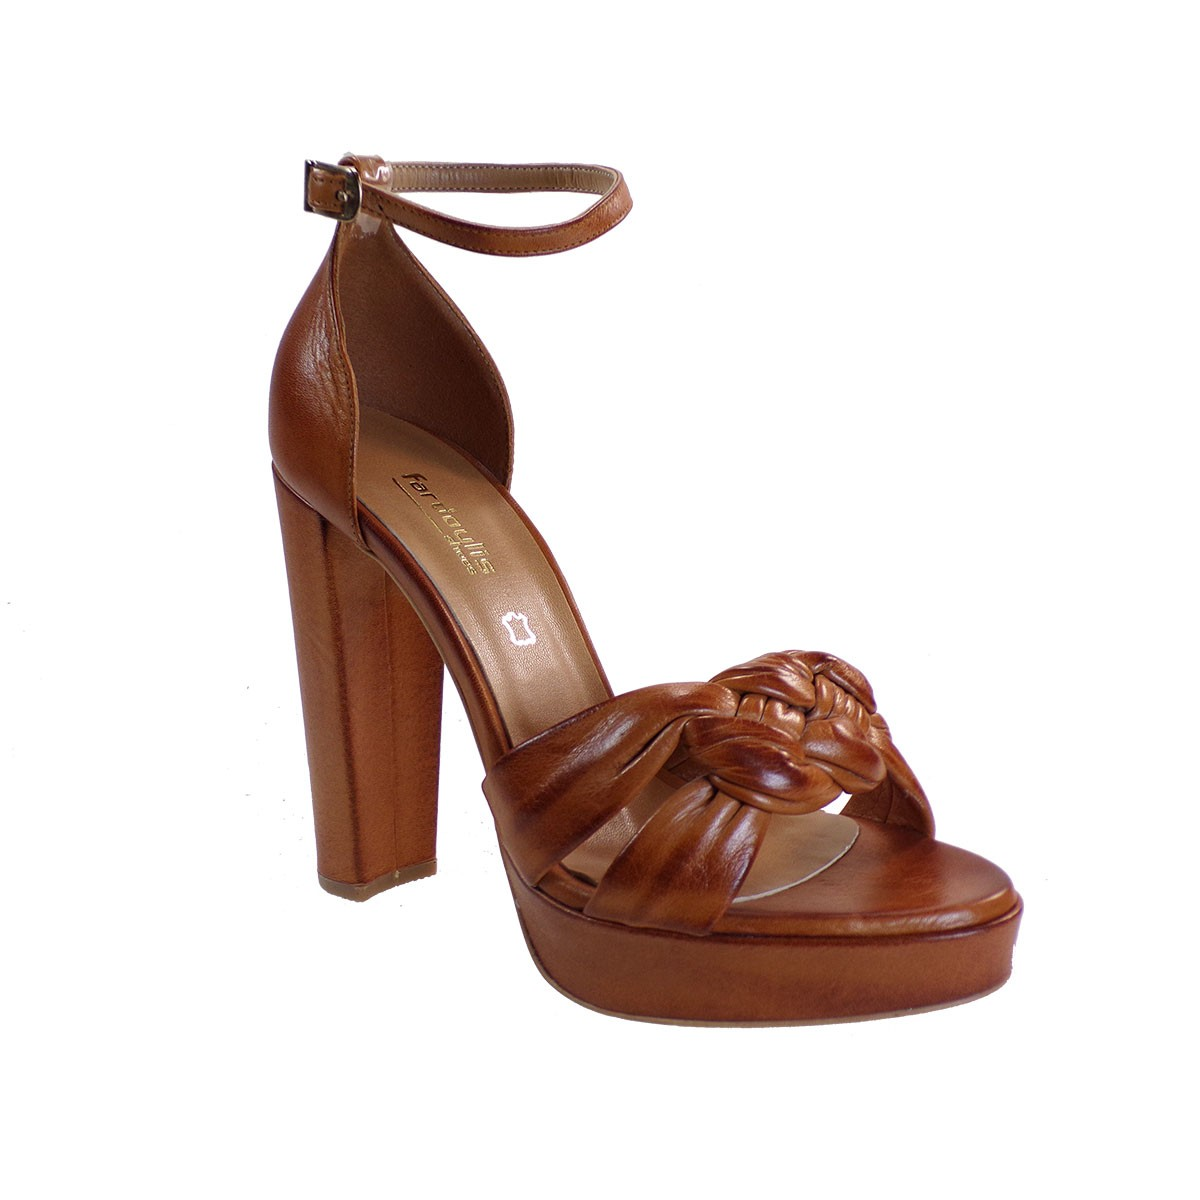 Fardoulis shoes Γυναικεία Παπούτσια Πέδιλα 916-04Χ Ταμπά Δέρμα